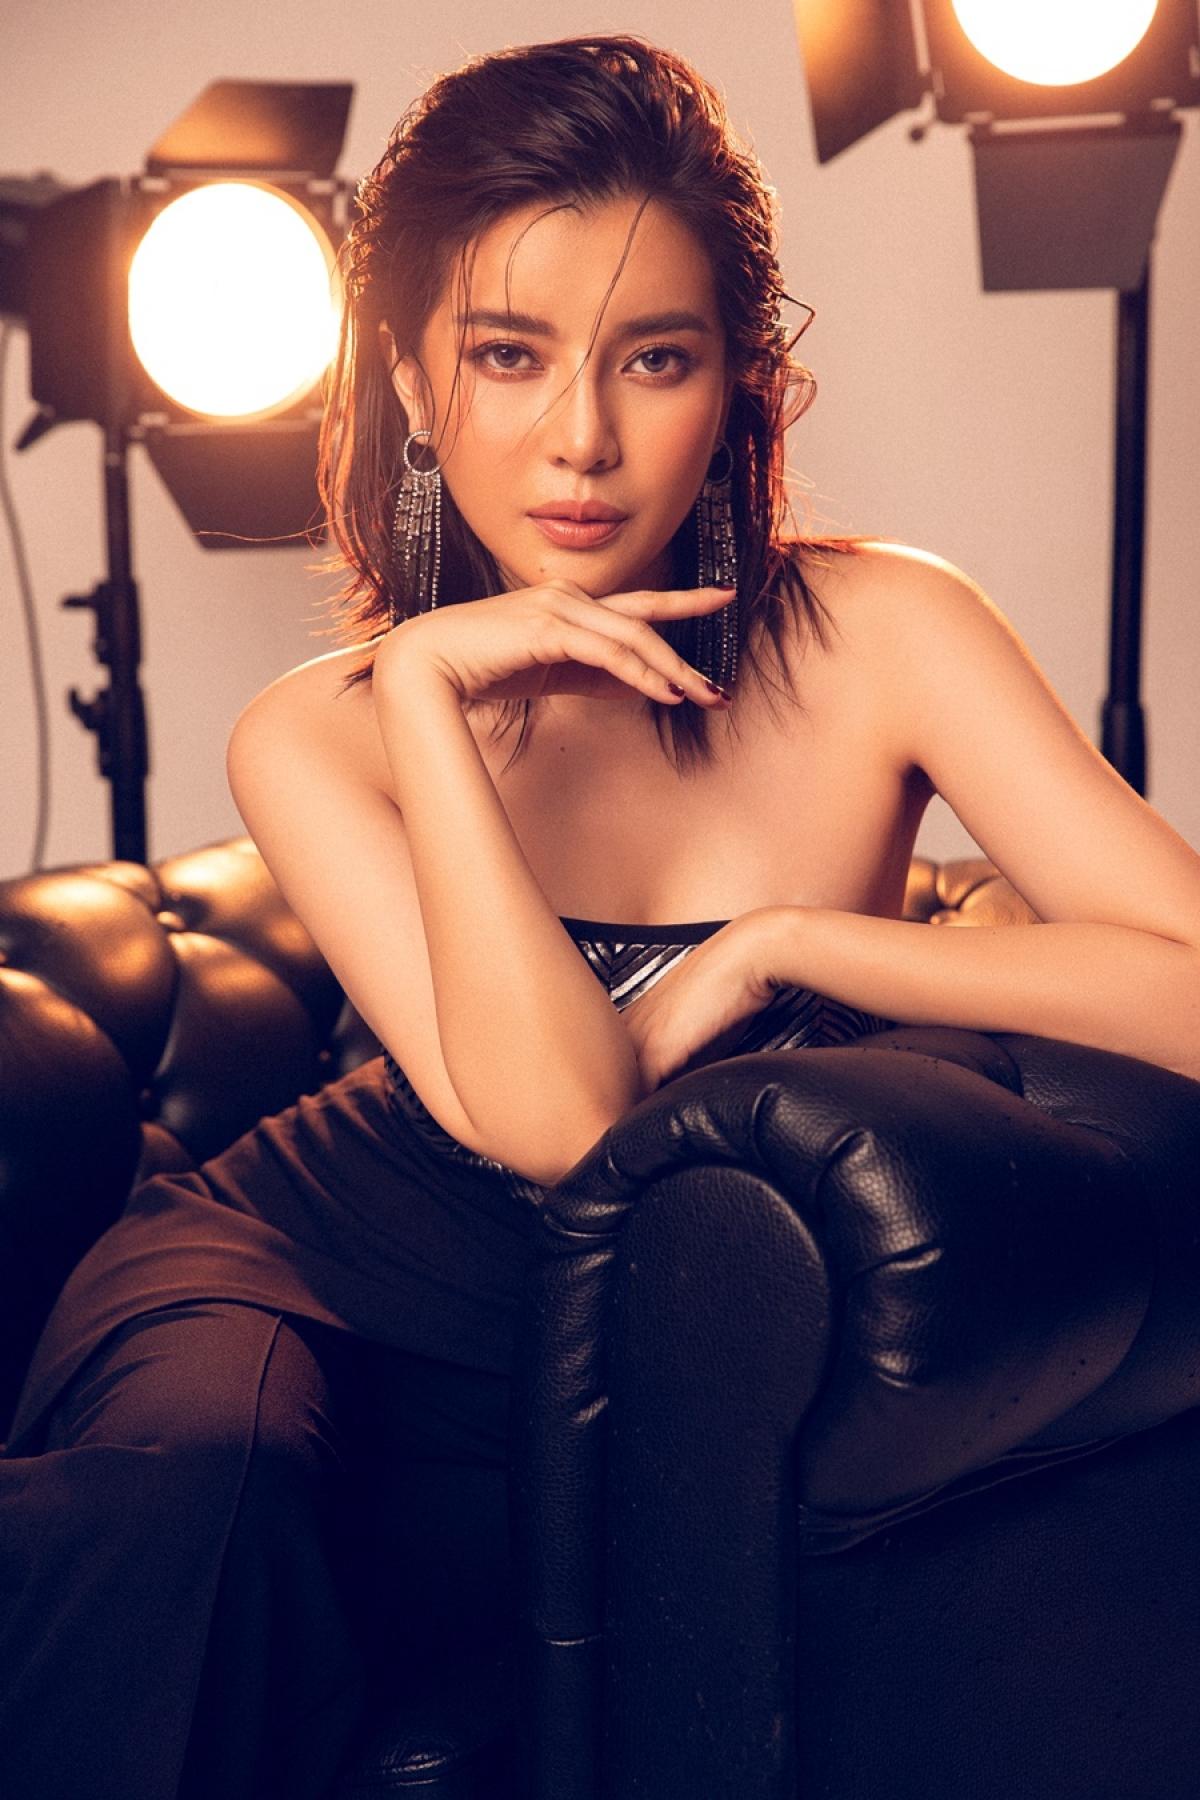 Hoạn Thư là vai diễn mang nhiều ước vọng trong sự nghiệp diễn xuất của Cao Thái Hà.